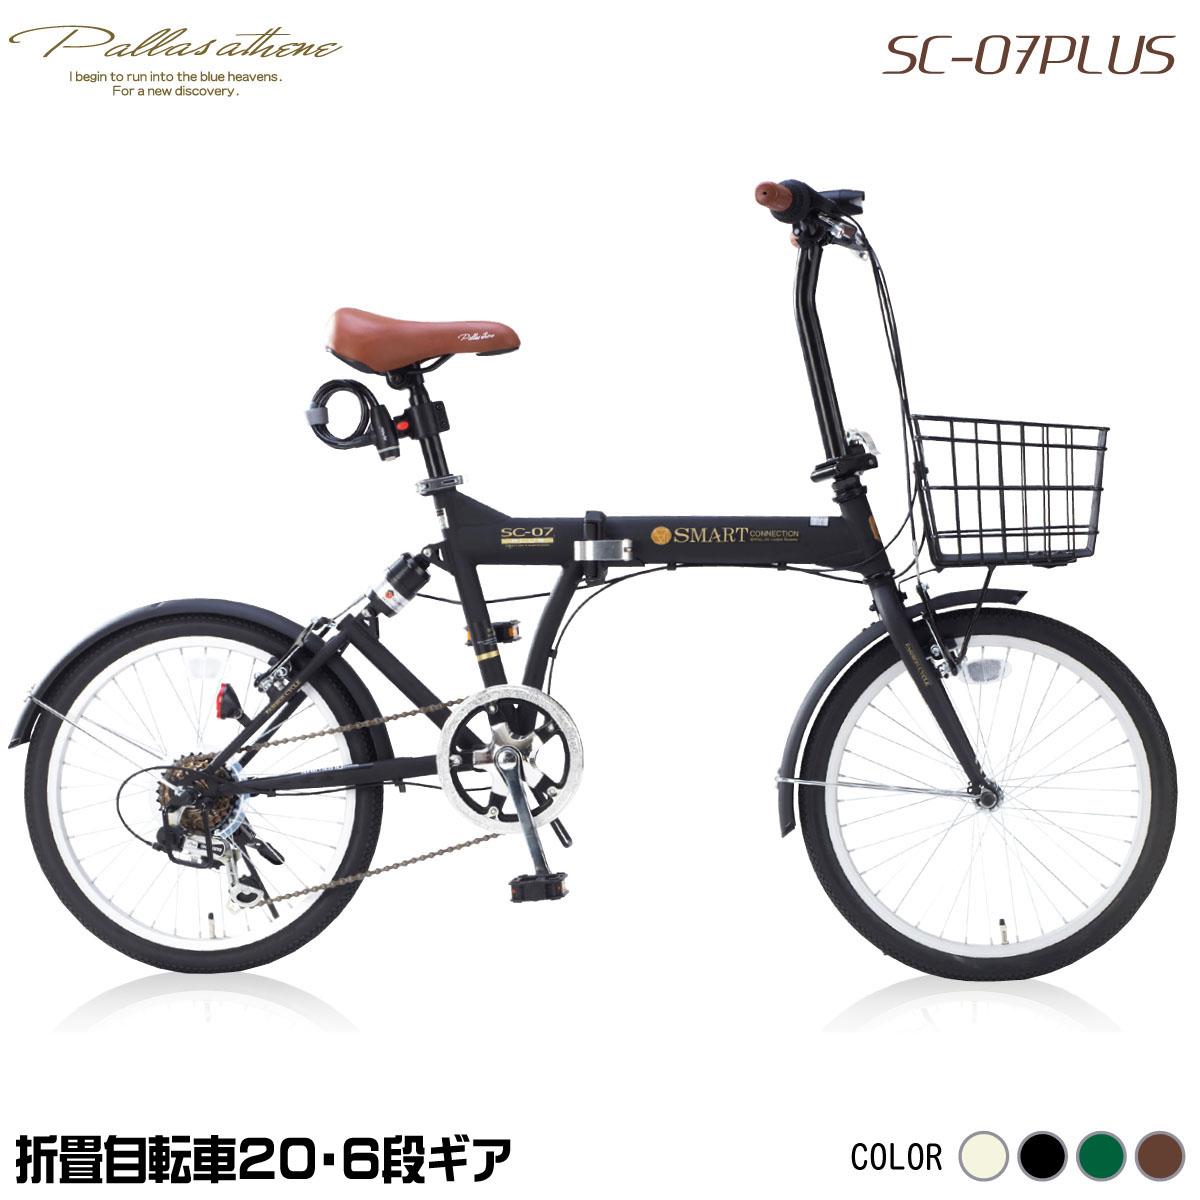 【送料無料】マイパラス SC-07PLUS-BK マットブラック [折りたたみ自転車(20インチ・6段変速)]【同梱配送不可】【代引き不可】【本州以外の配送不可】 学生 通勤 通学 春 入学 アウトドア サイクリング